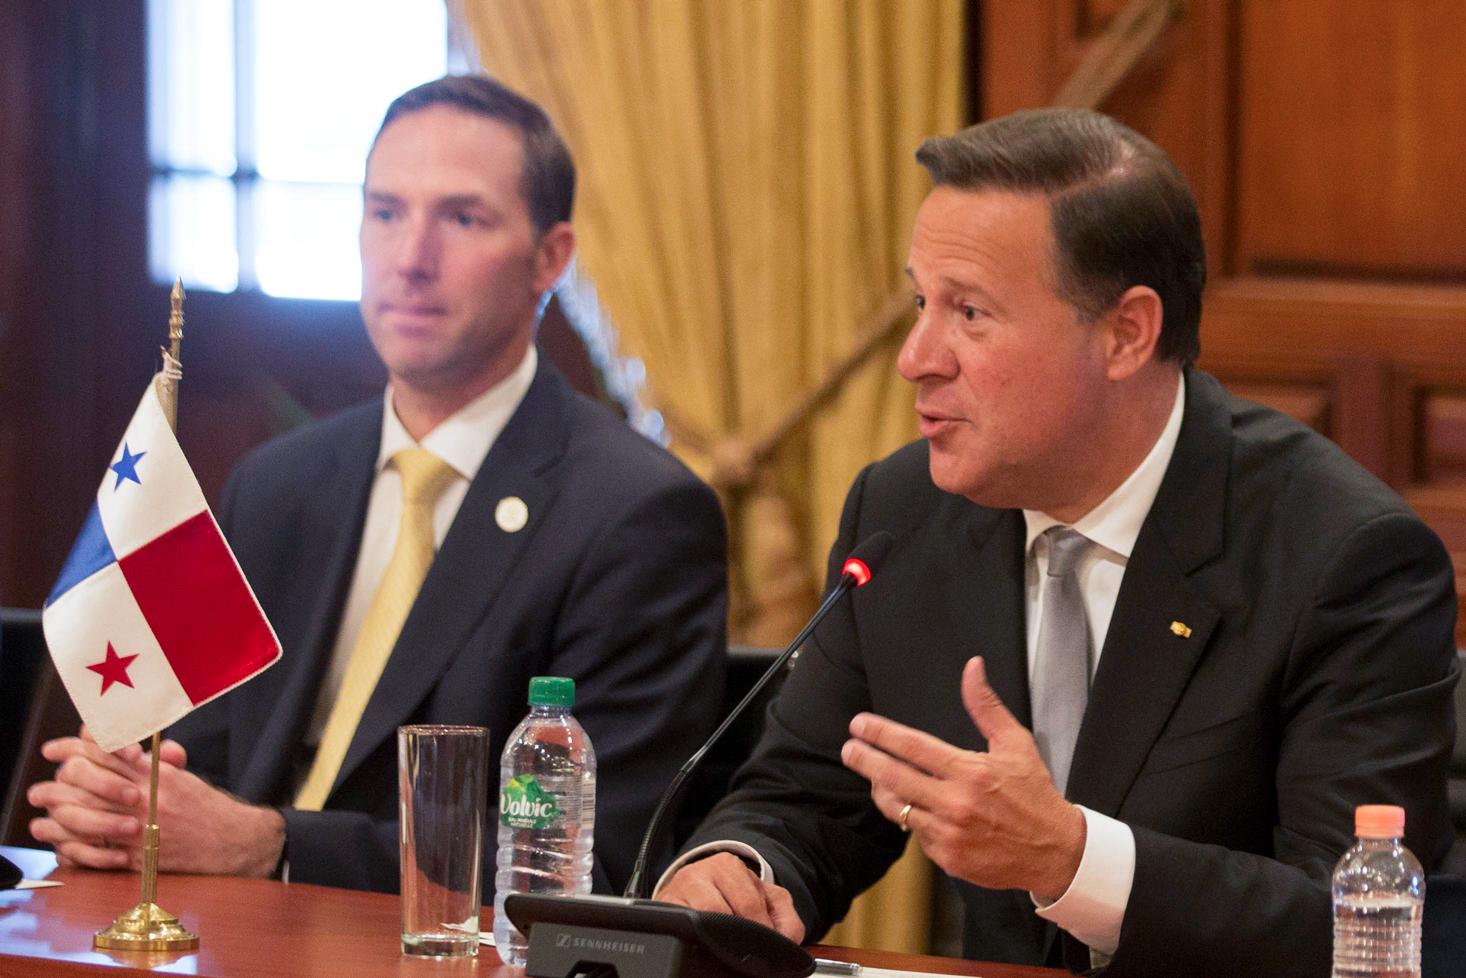 Expresidente panameño Juan Carlos Varela (derecha). (Foto: Presidencia de la República Mexicana / CC BY 2.0).